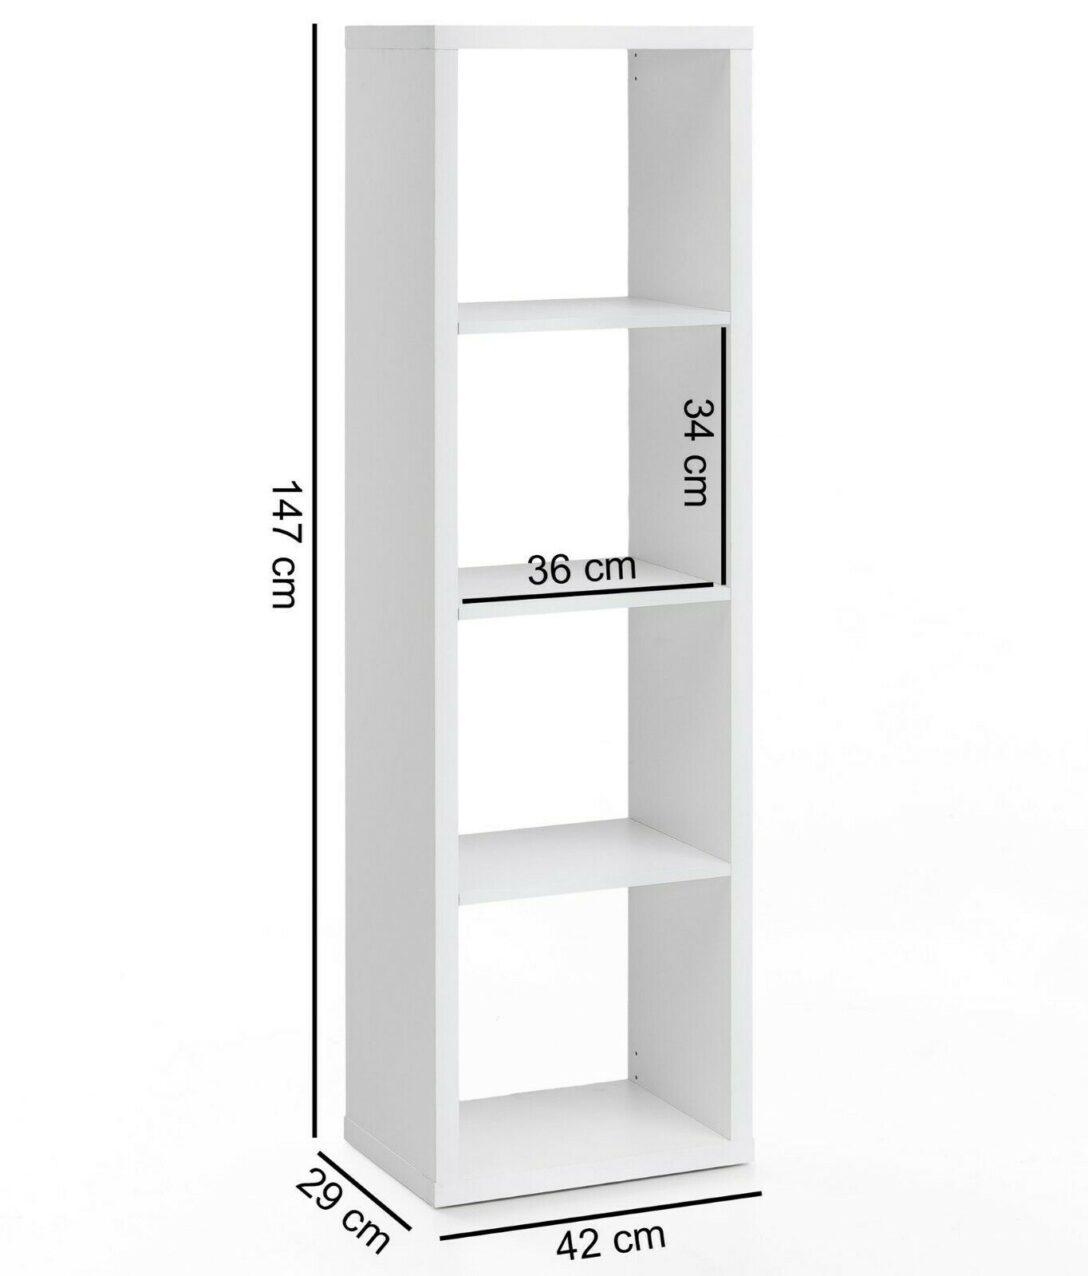 Large Size of Regal Hoch Regale Weiß Badezimmer Holzregal Tisch Kombination Schreibtisch Metall Aus Weinkisten Weiße Massivholz Raumteiler Küche Modern Weiss Regal Regal Weis